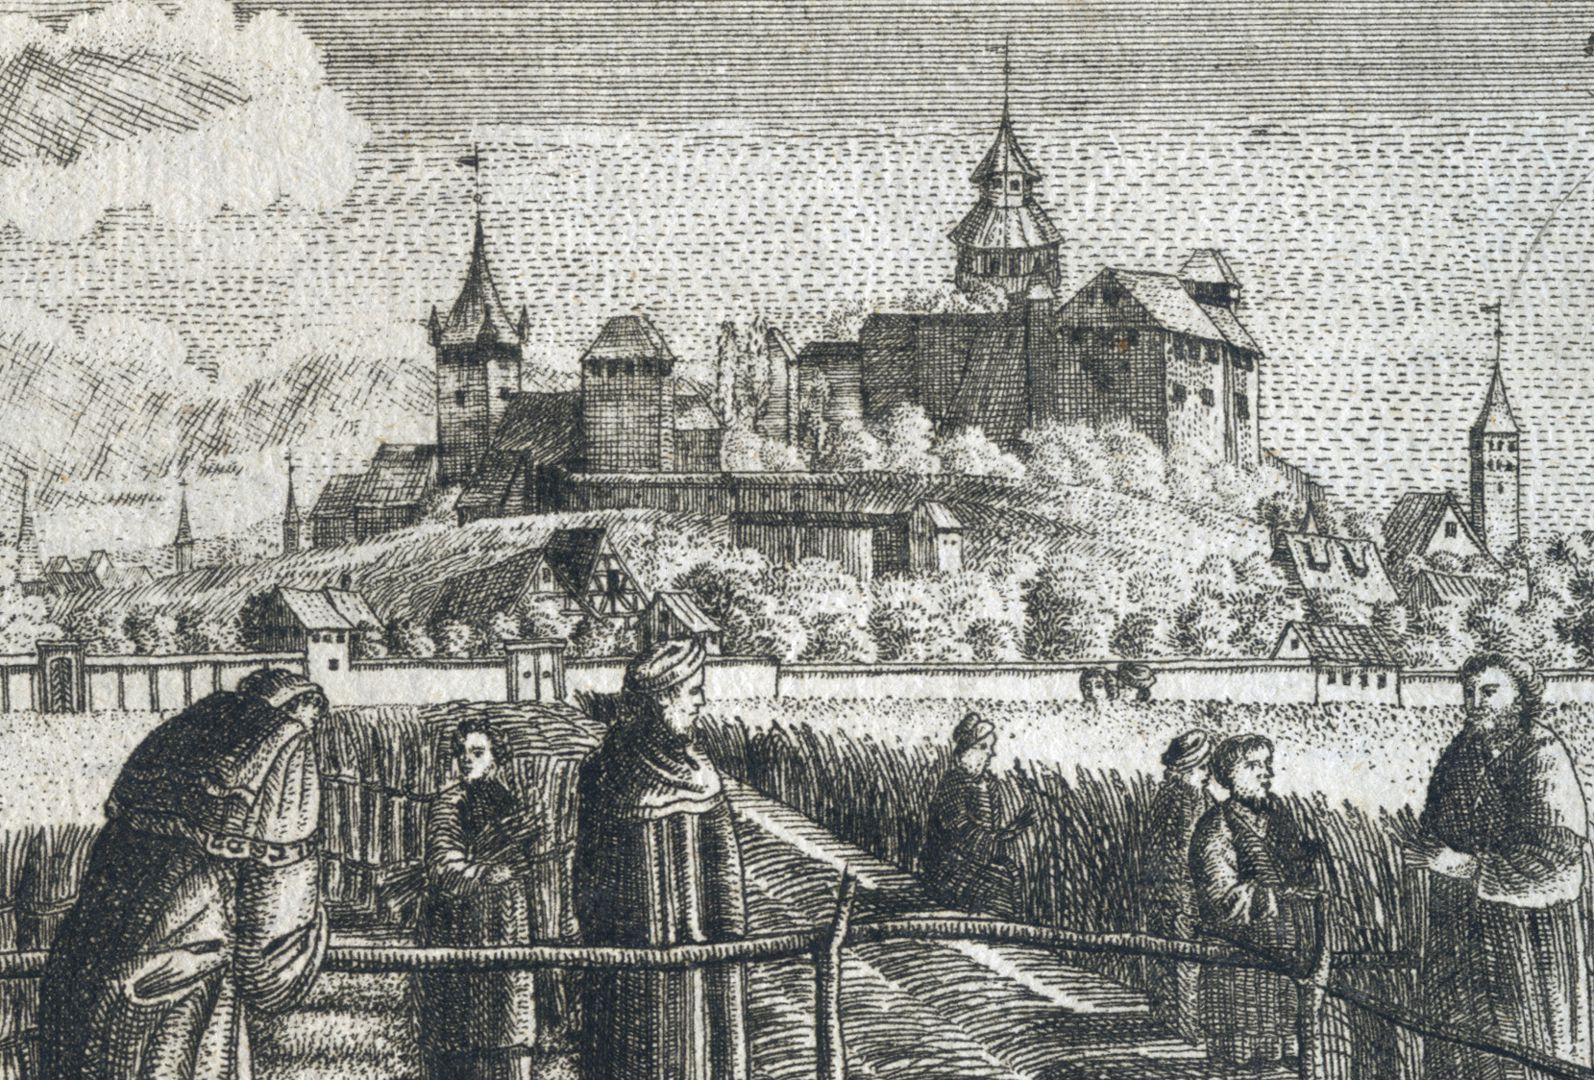 Prospect der Johannes_Felder bei Nürnberg Detail mit Nürnberger Burg im Hintergrund